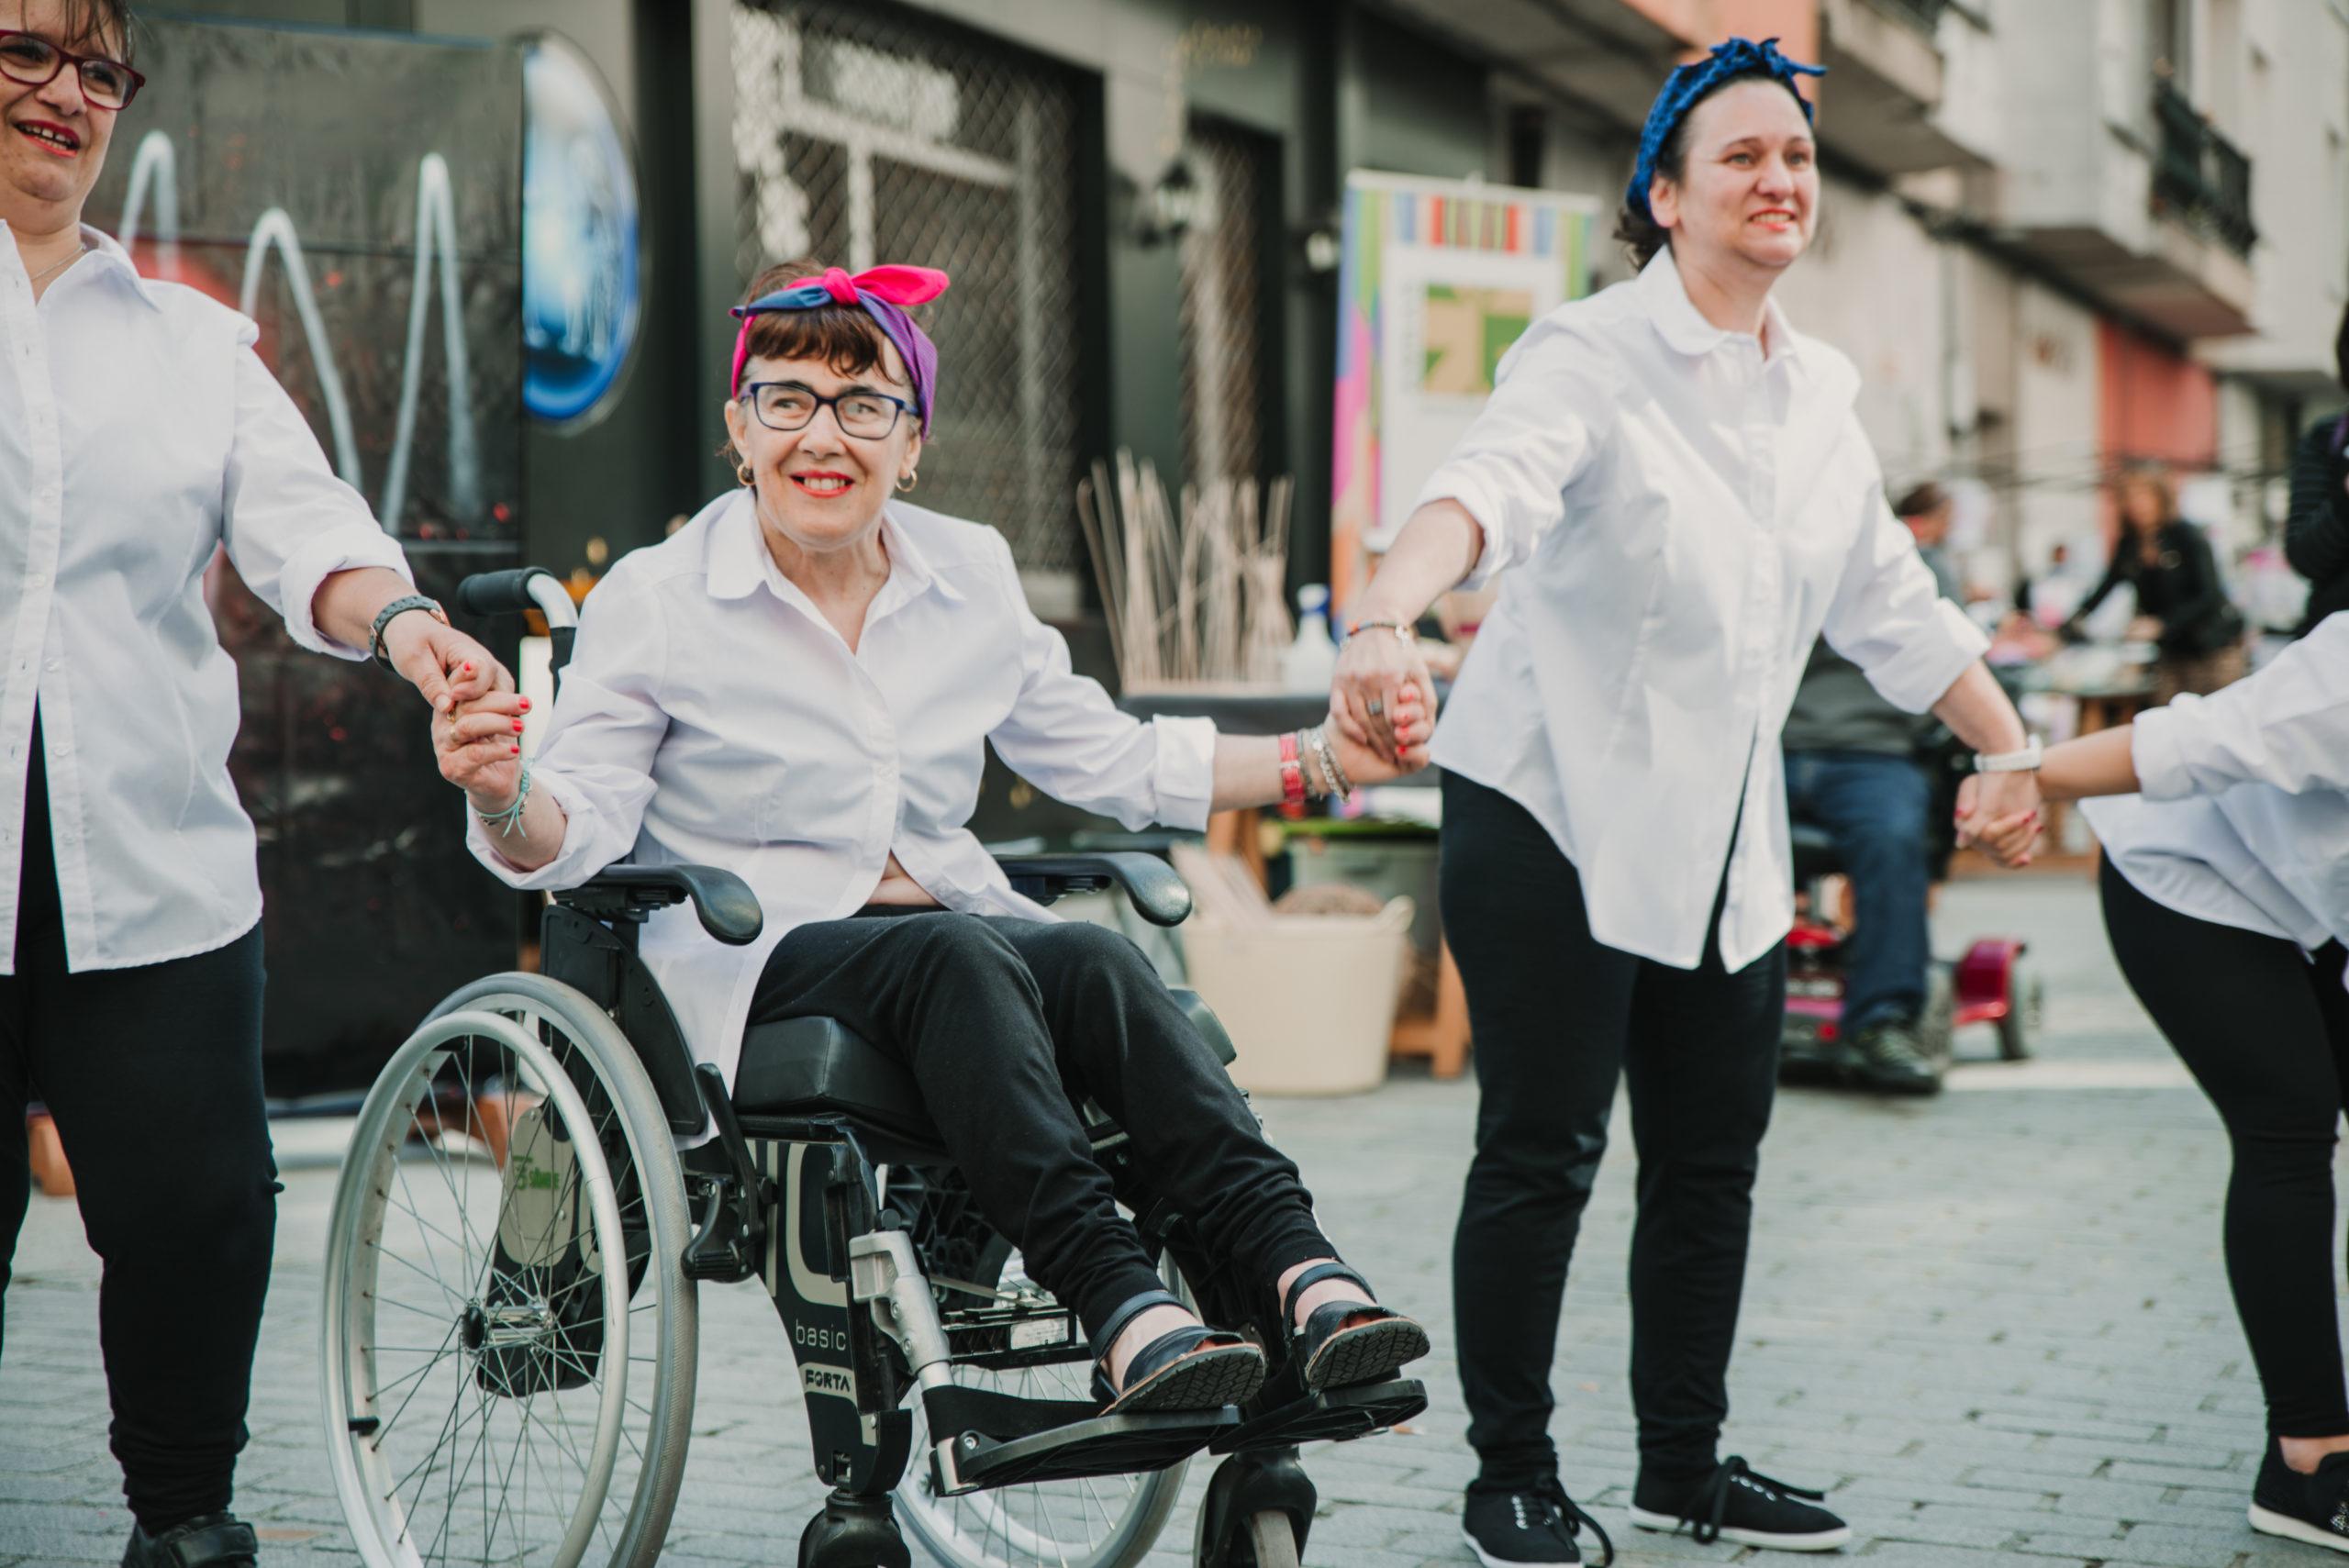 Angy na cadeira de rodas dándose a man cas súas compañeiras de artes escénicas